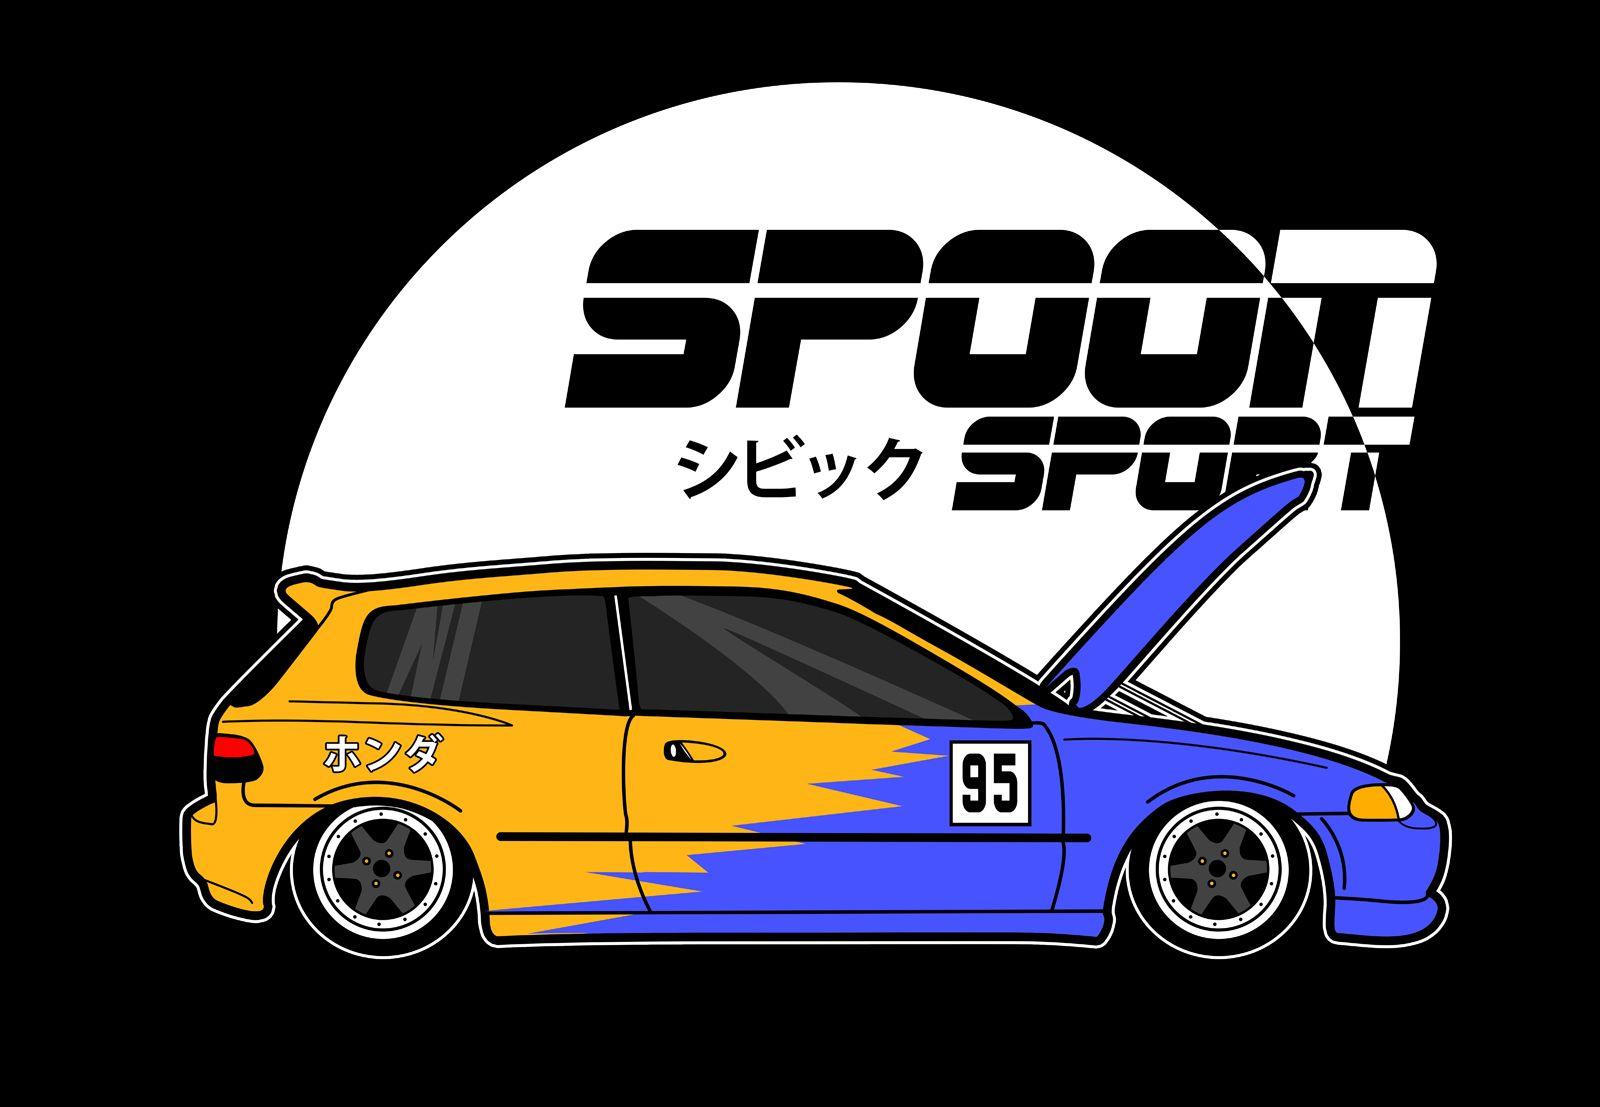 Civic With Spoon Livery Honda Civic Hatchback Honda Civic Vtec Civic Eg